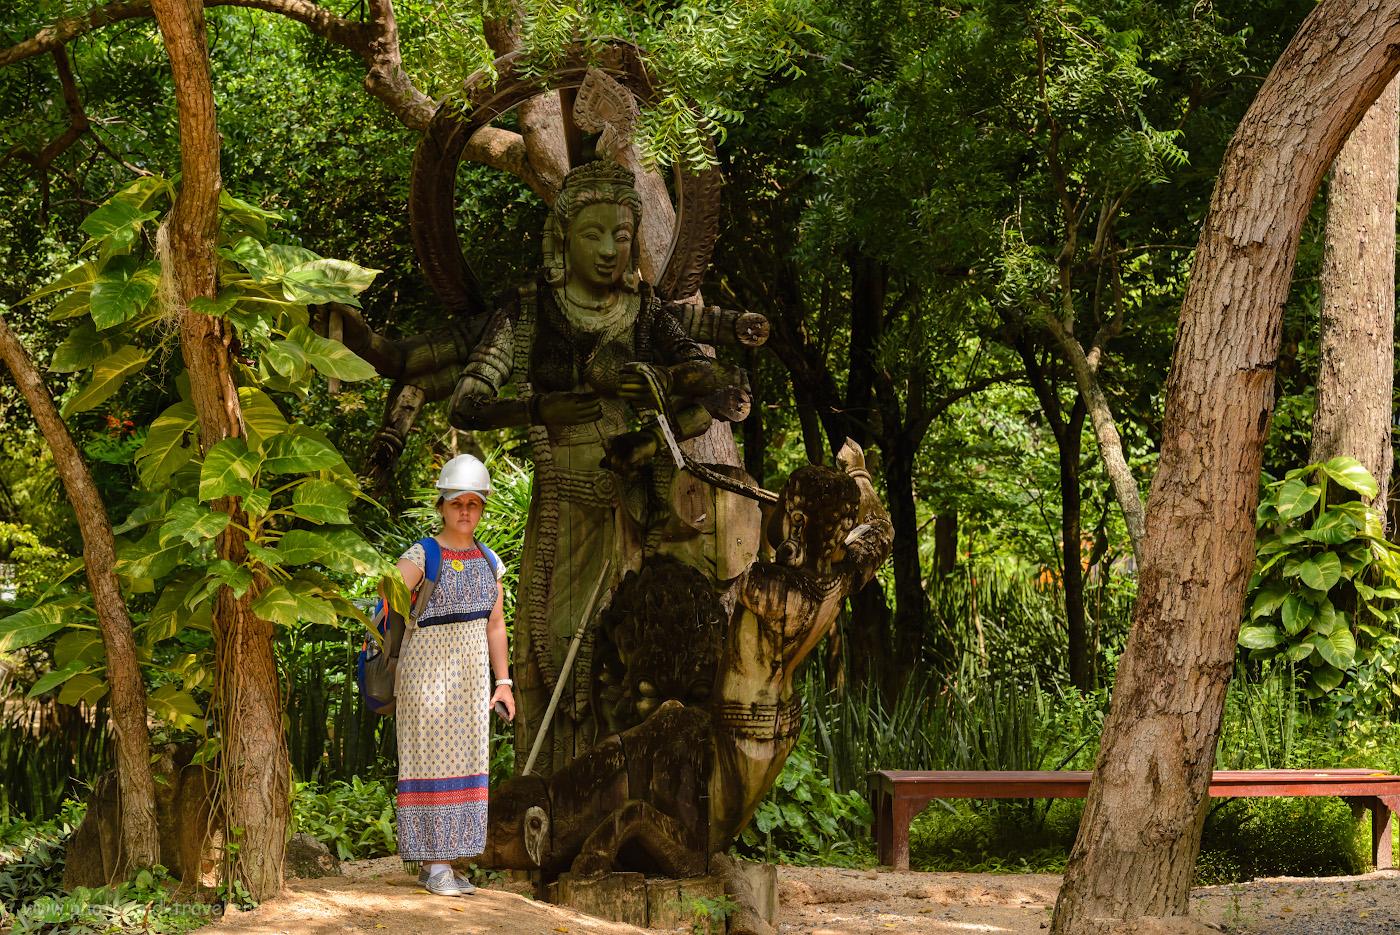 Фото 14. Фотосессия в саду у подножья Храма Истины в Паттайе. Каждый посетитель получает строительную каску и номерок. 1/250, -1.0, 10.0, 800, 122.